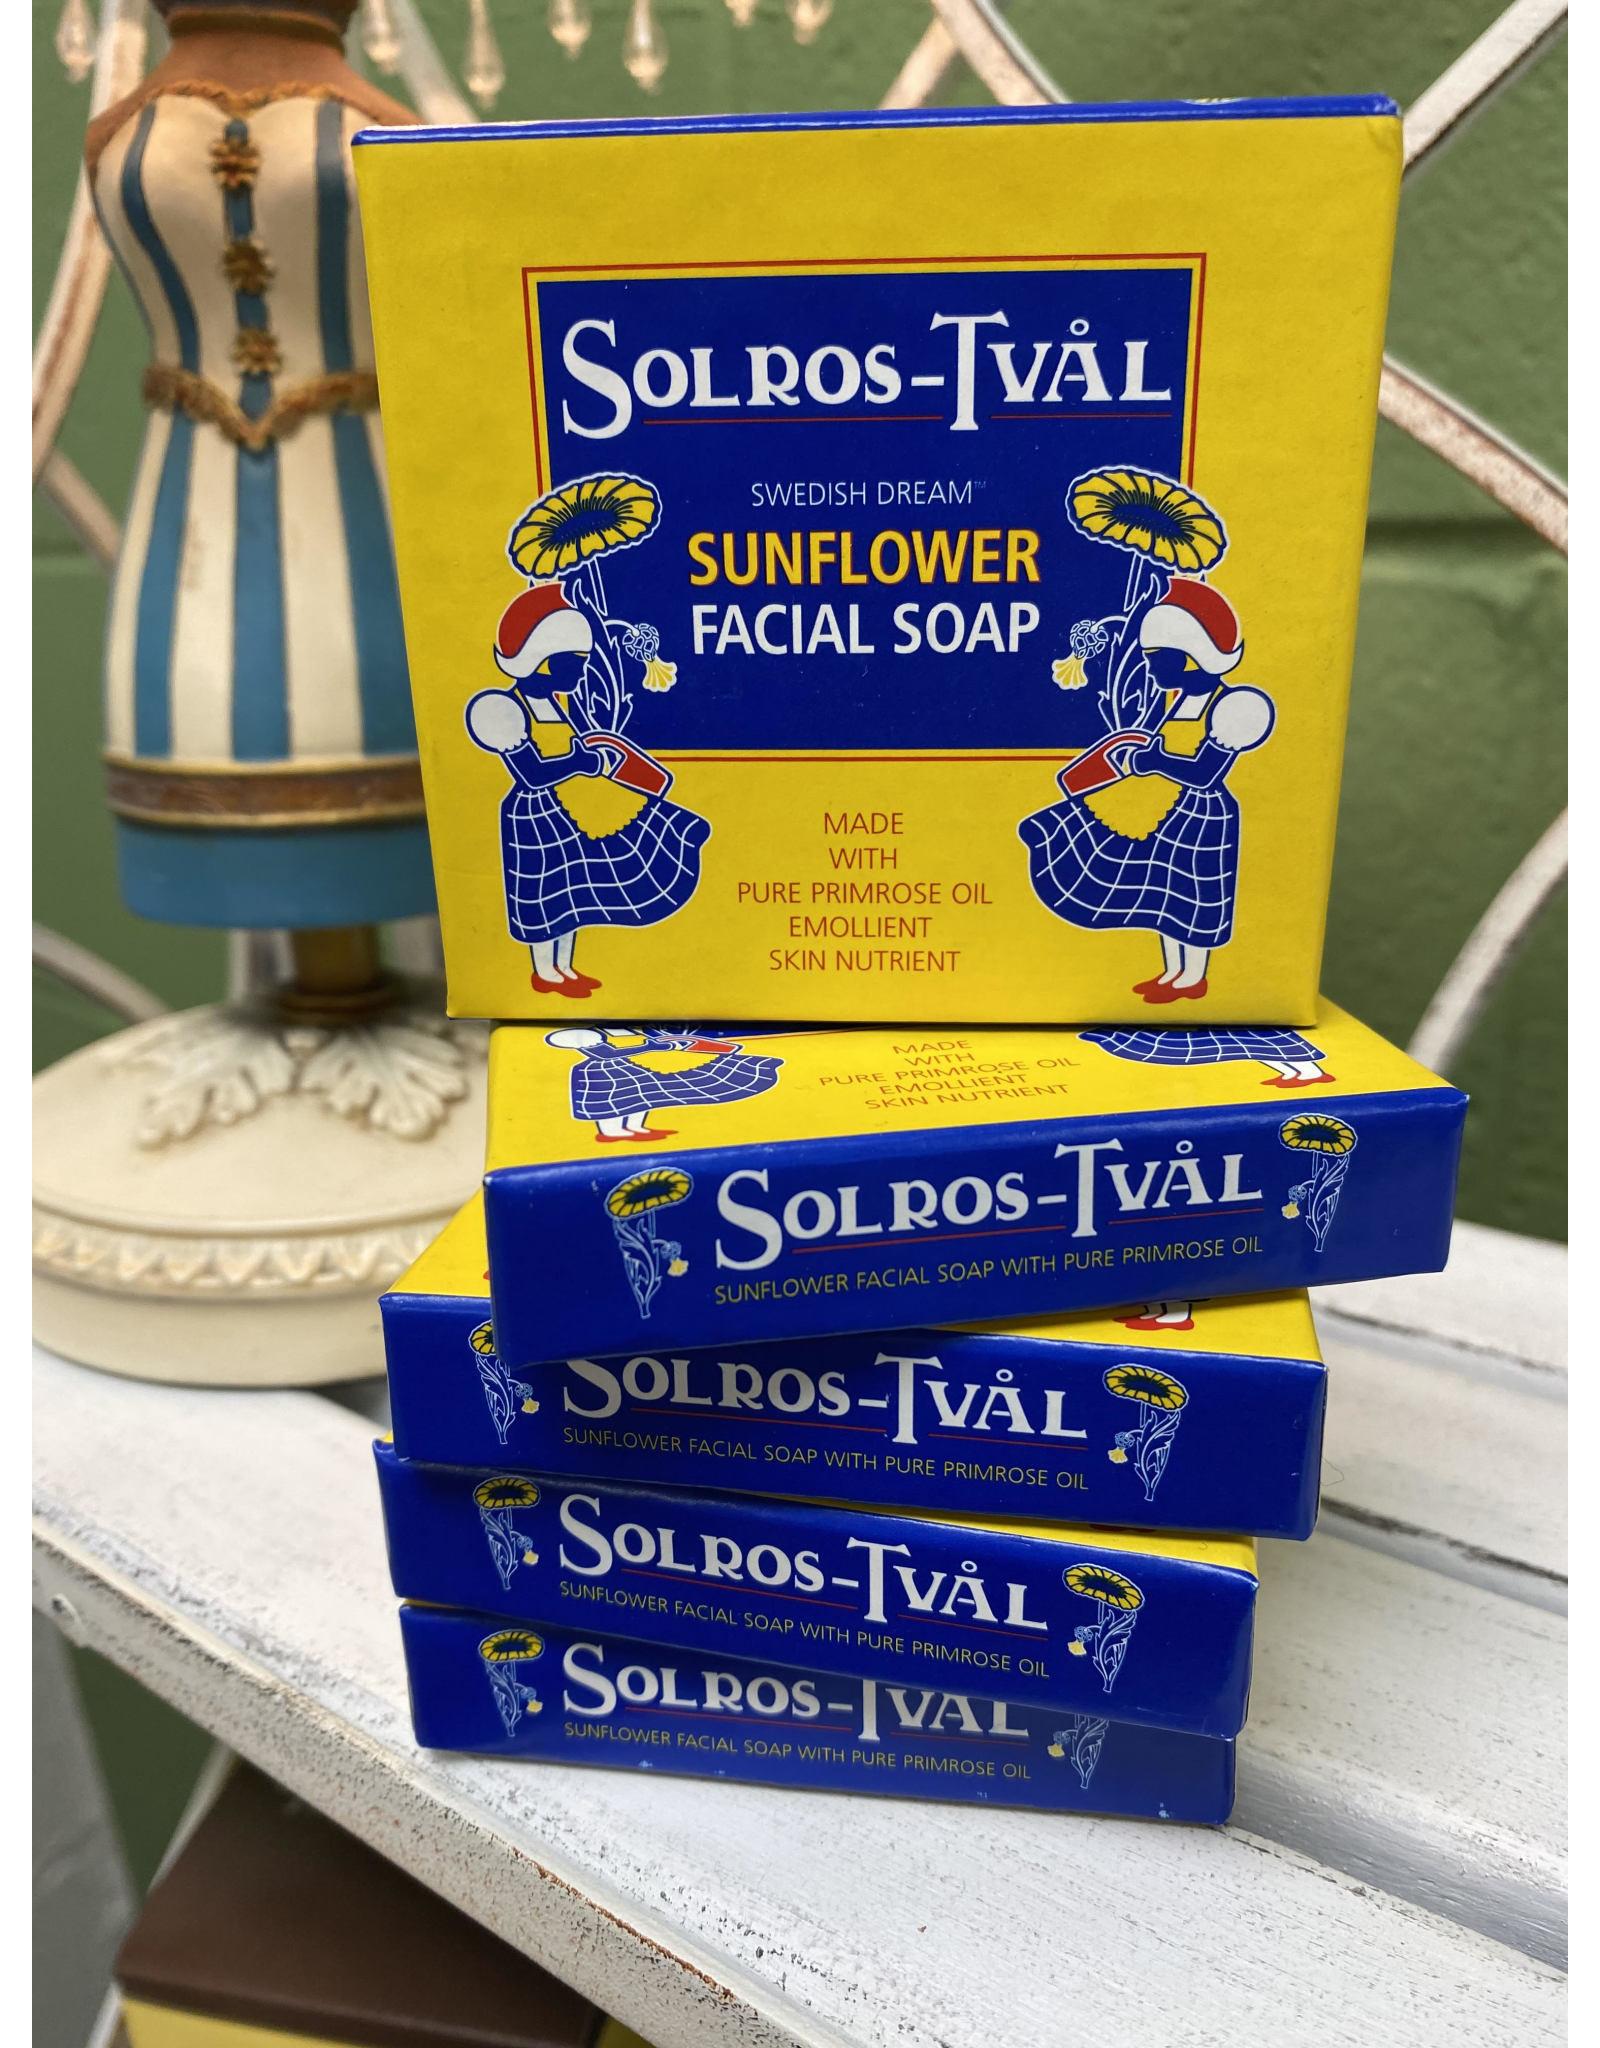 Sunflower Facial Soap